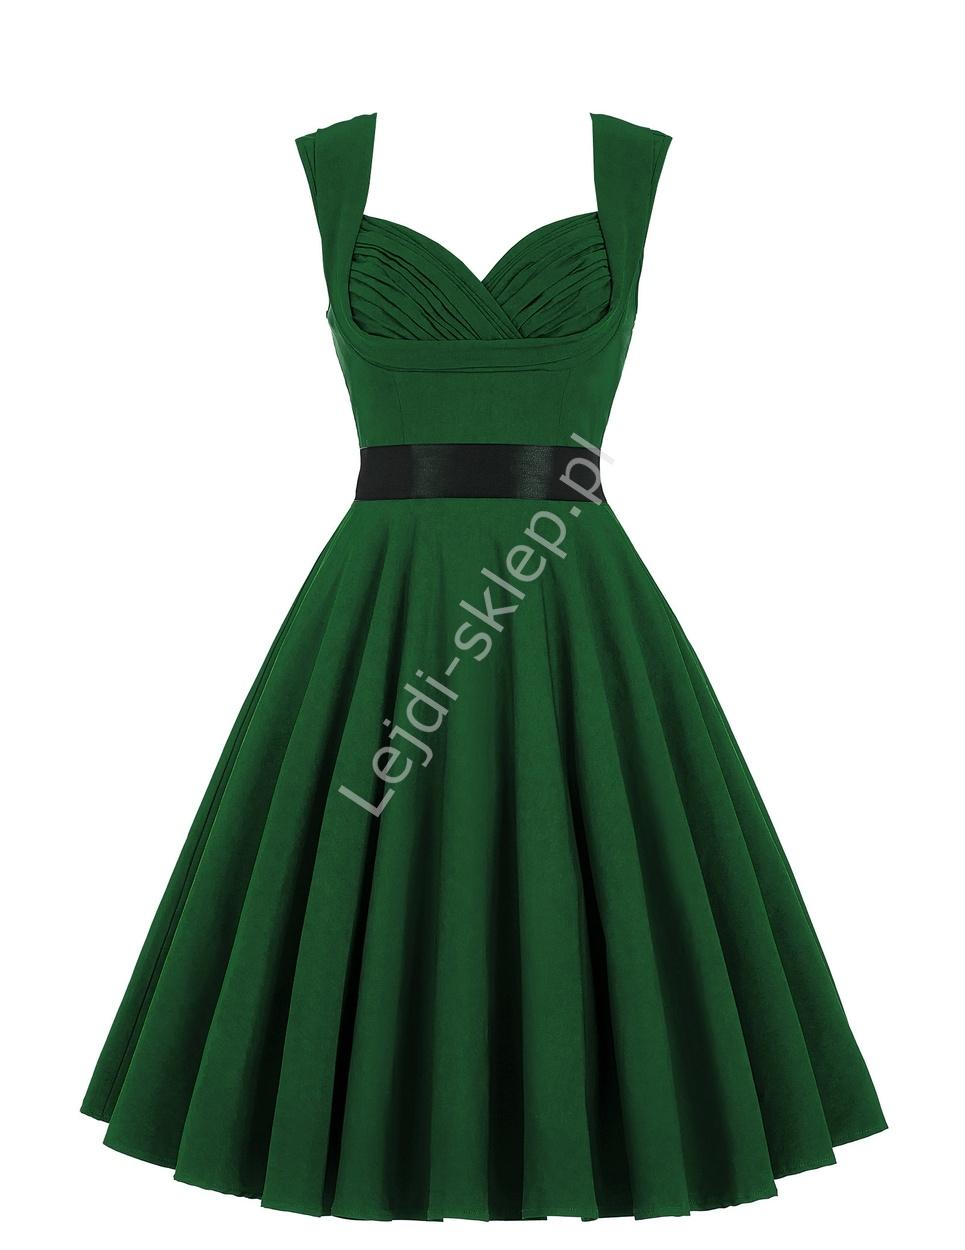 Butelkowo zielona bawełniana sukienka pin-up , green swingdress - Lejdi